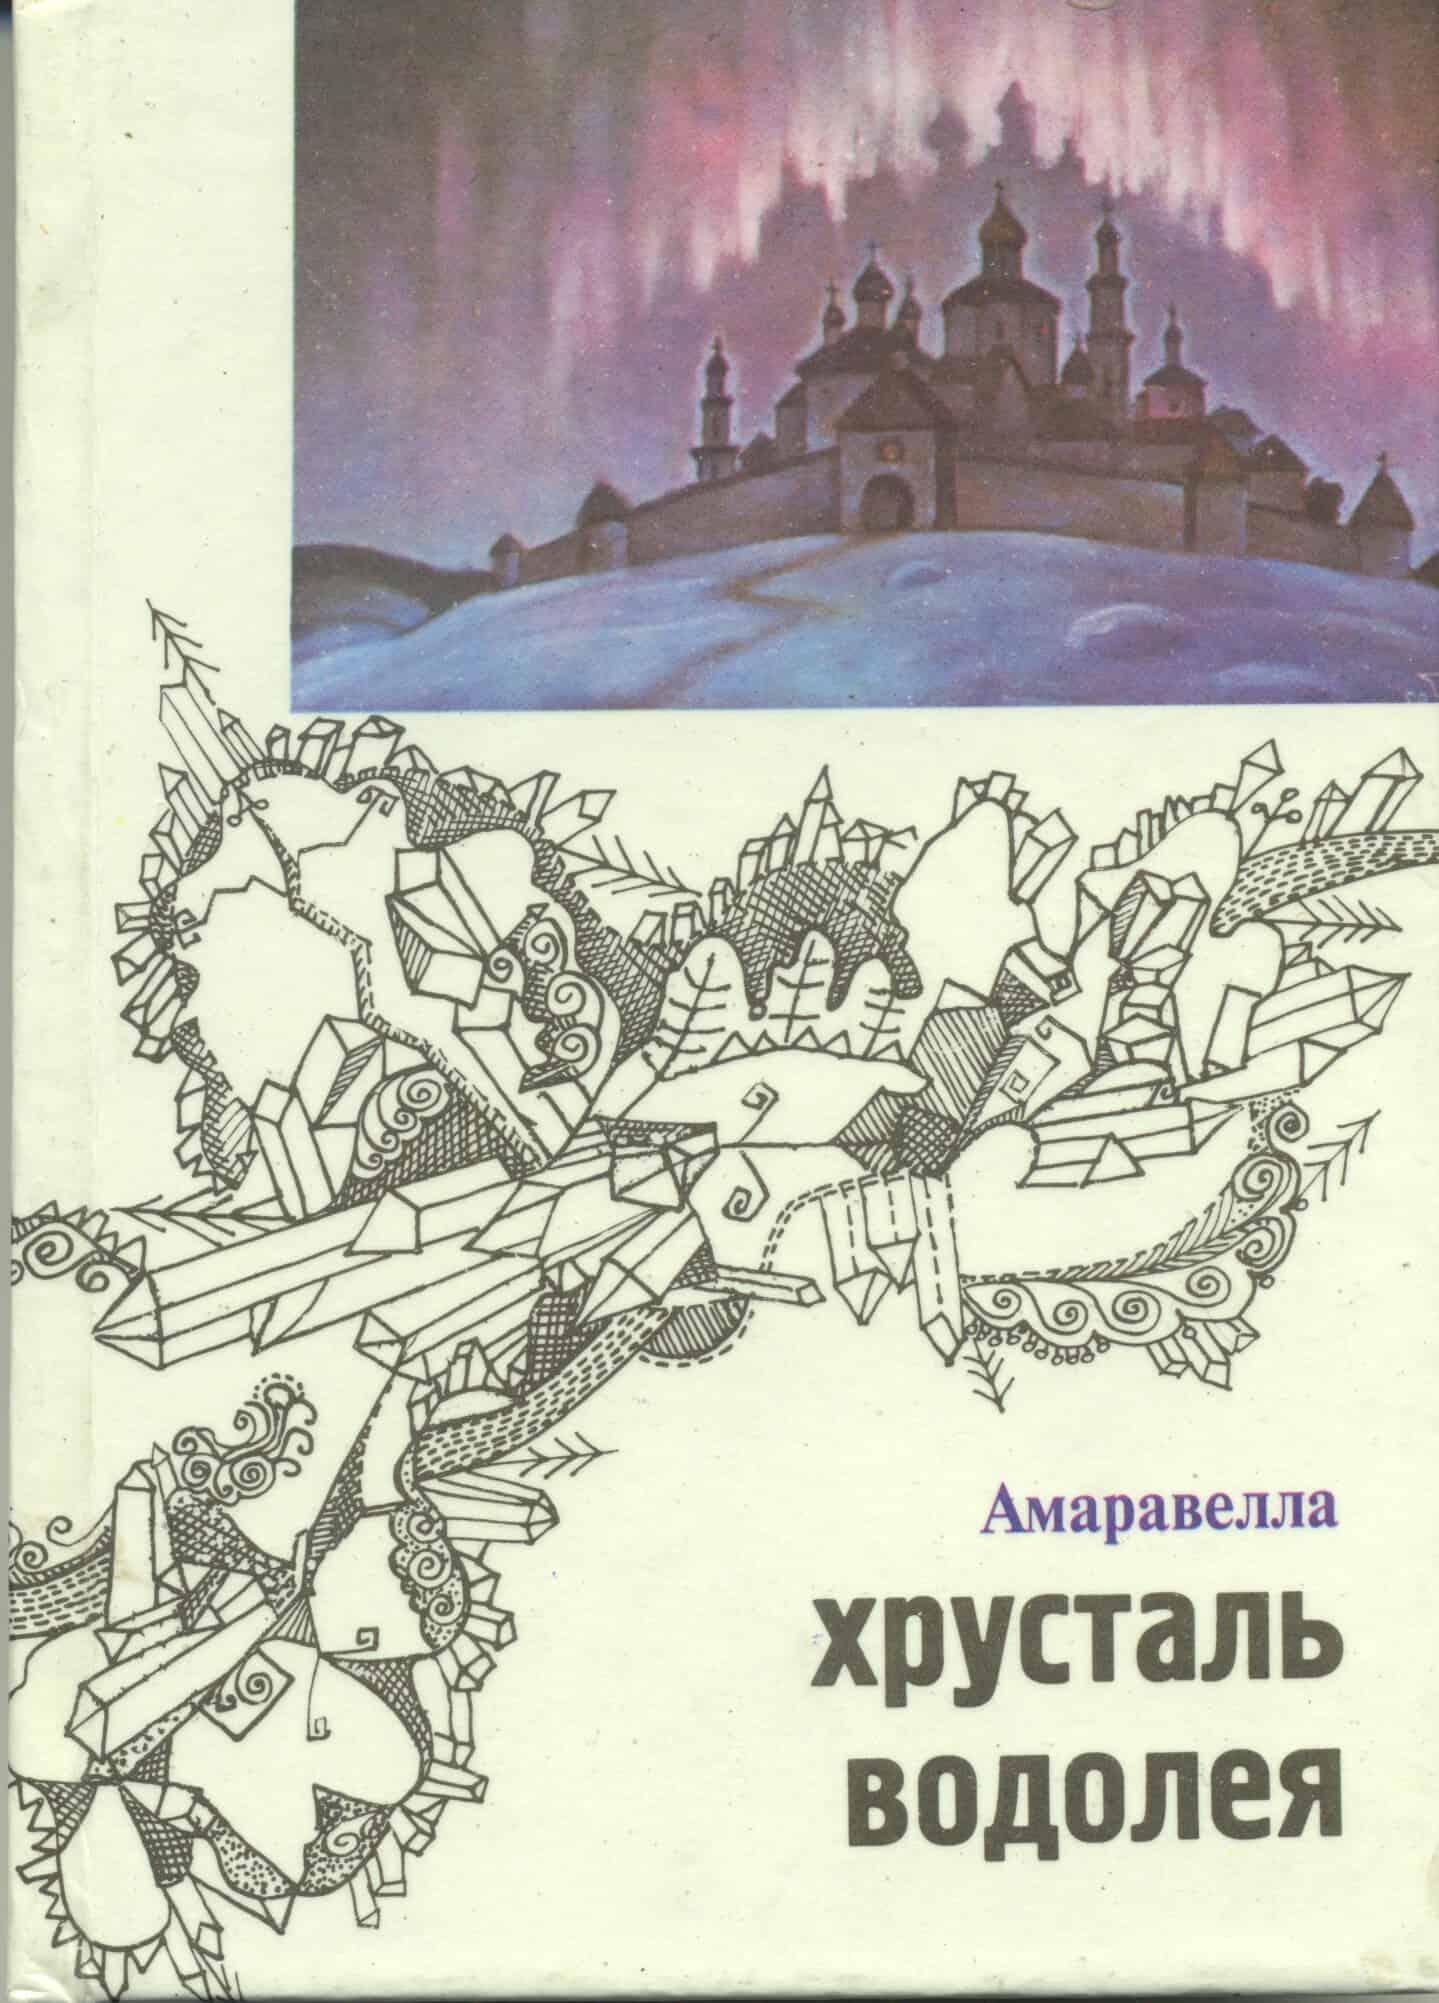 Обложка книги Ю. Линника о Б. Смирнове-Русецком. 1995 год